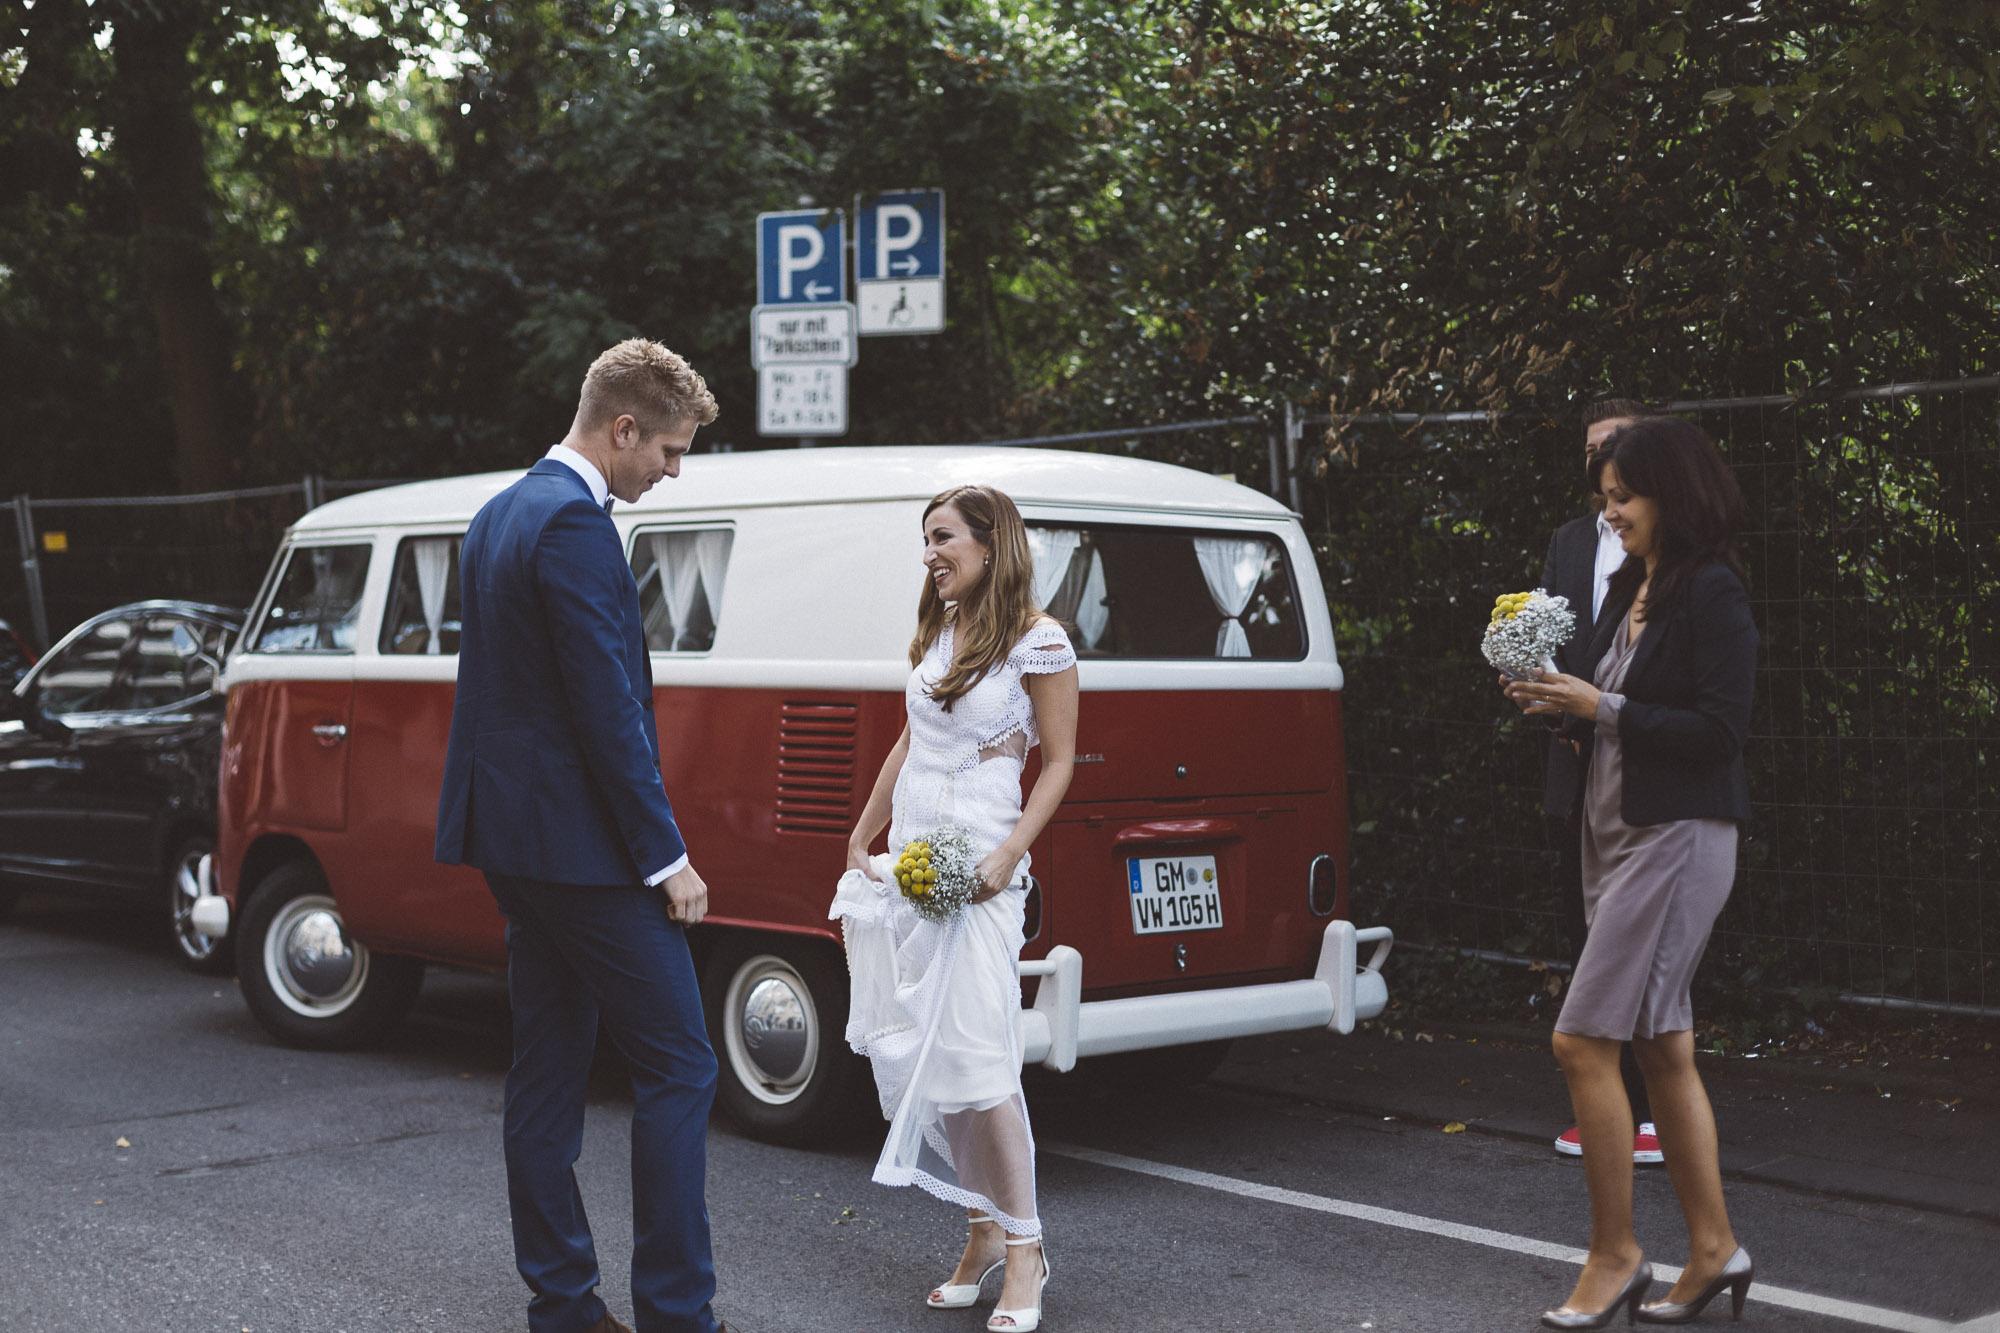 diebahrnausen_Hochzeit_Neimeshof_-150